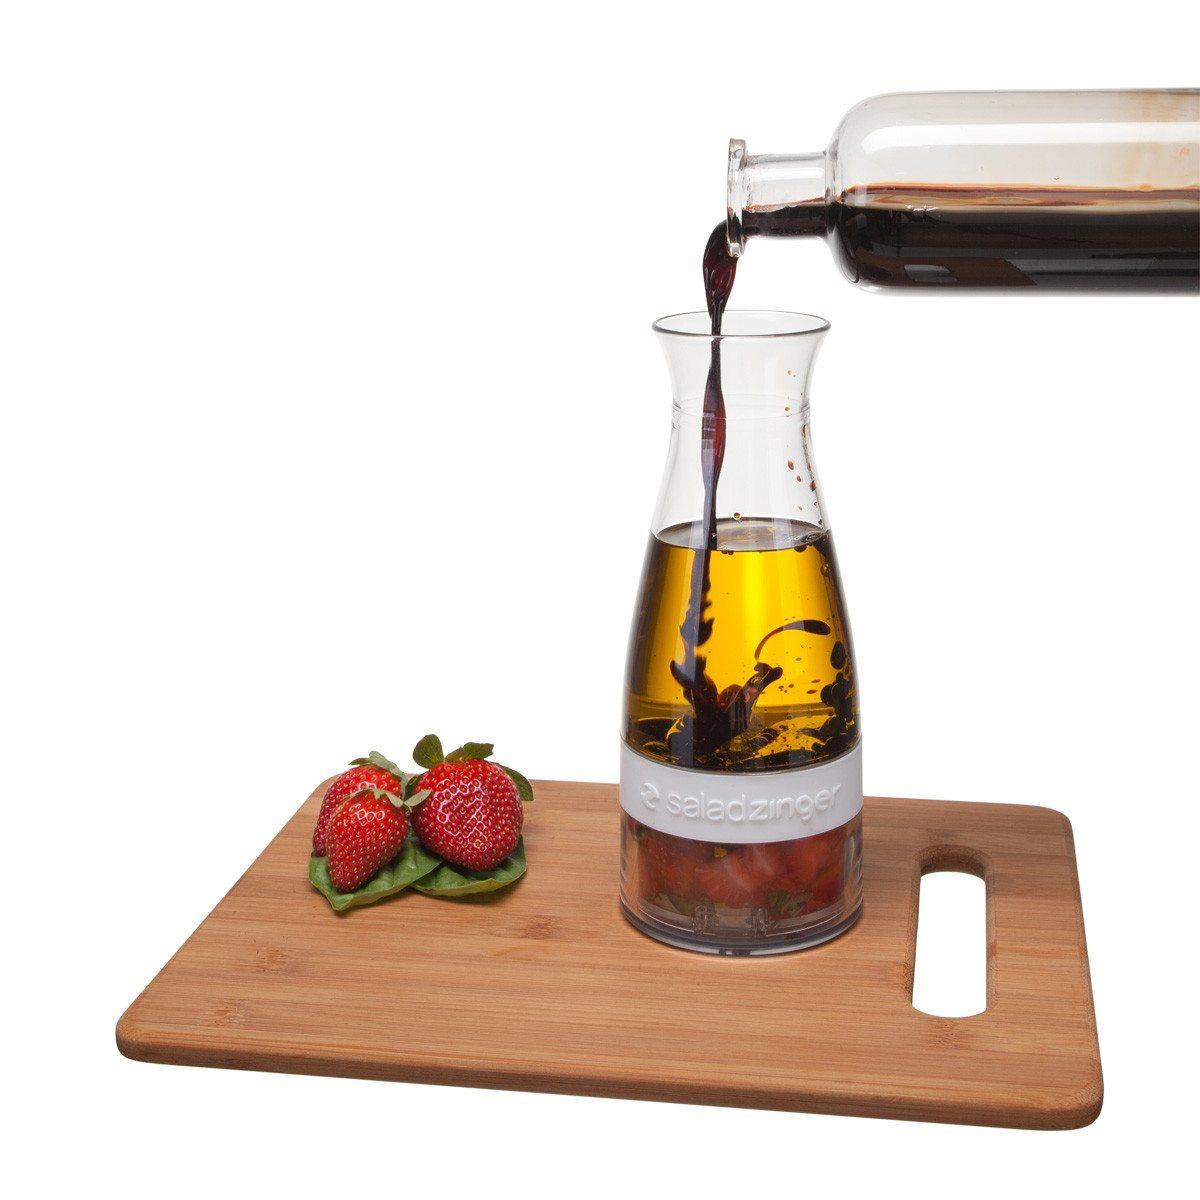 SaladZinger - Mezclador de aliño para tus ensaladas